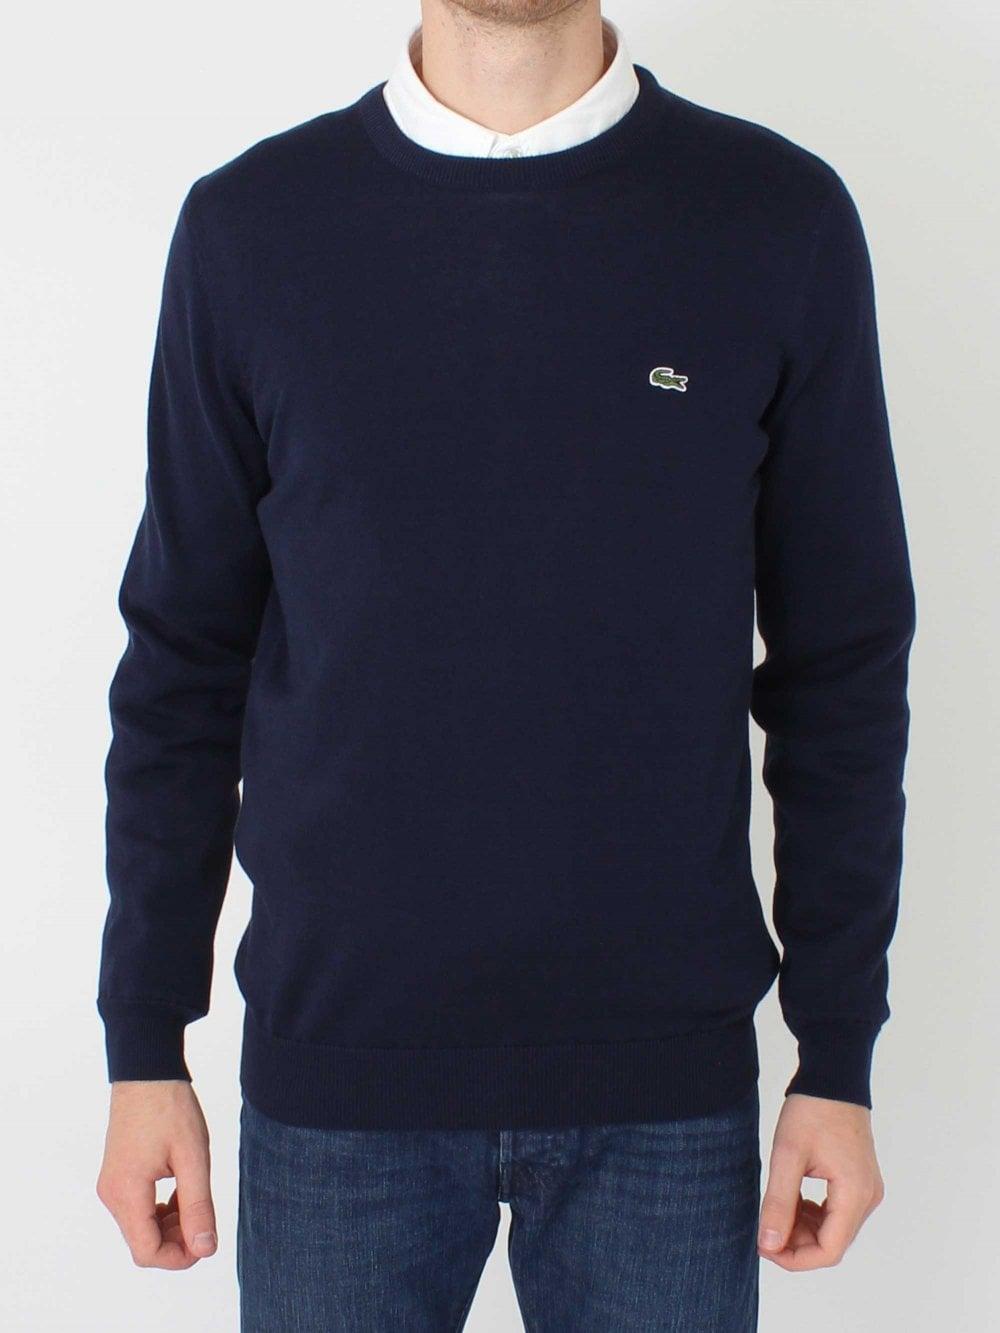 0d7bdcdb Lacoste Crew Neck Logo Knit - Navy/Blue